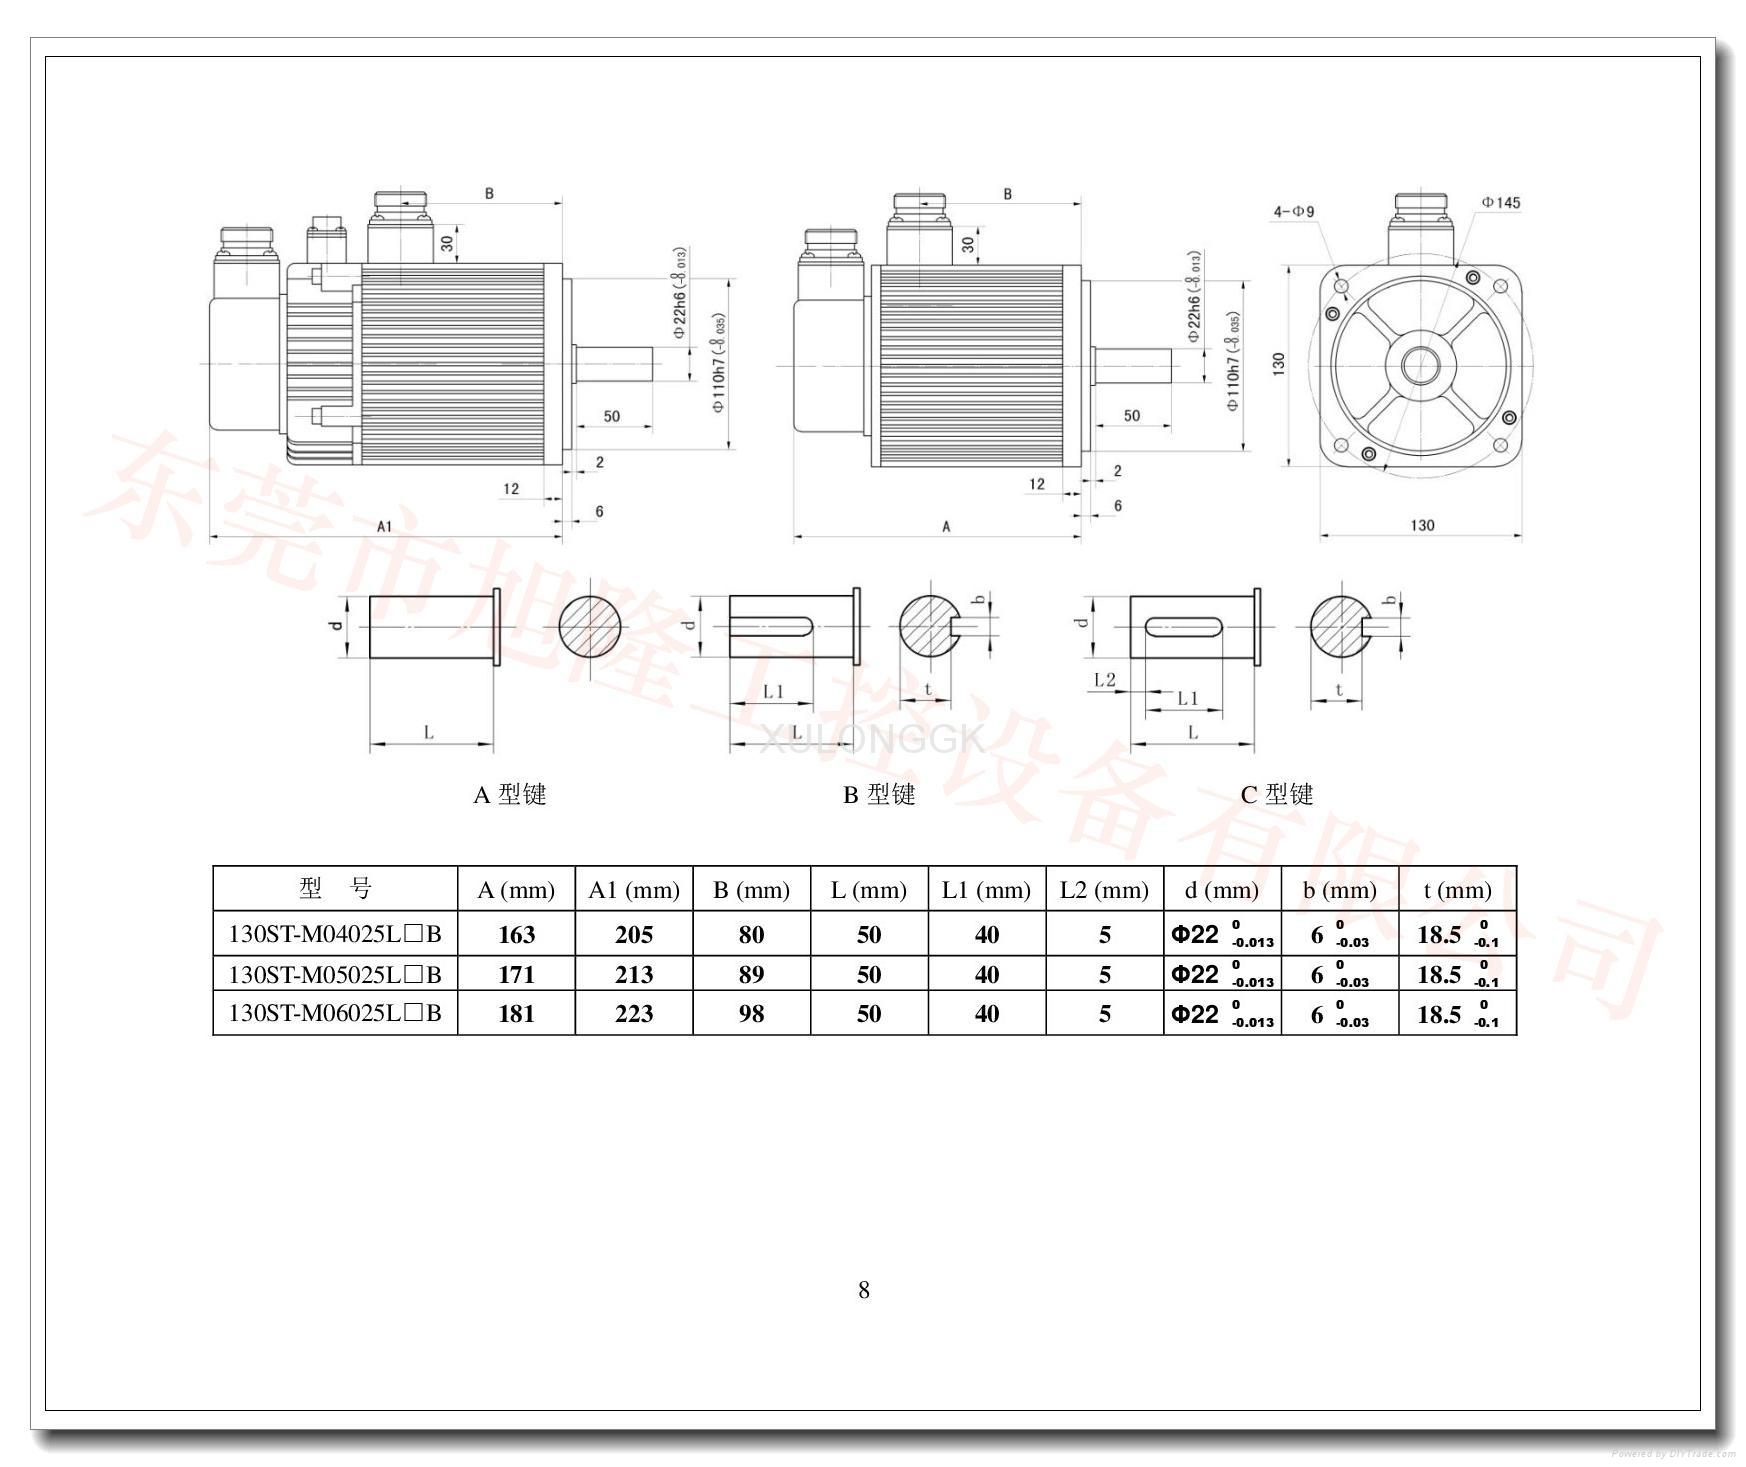 華大伺服電機配K系列驅動器130ST-M06025LFB 1.5kw 6N  220V 數控車床替安川0.85kw用 3